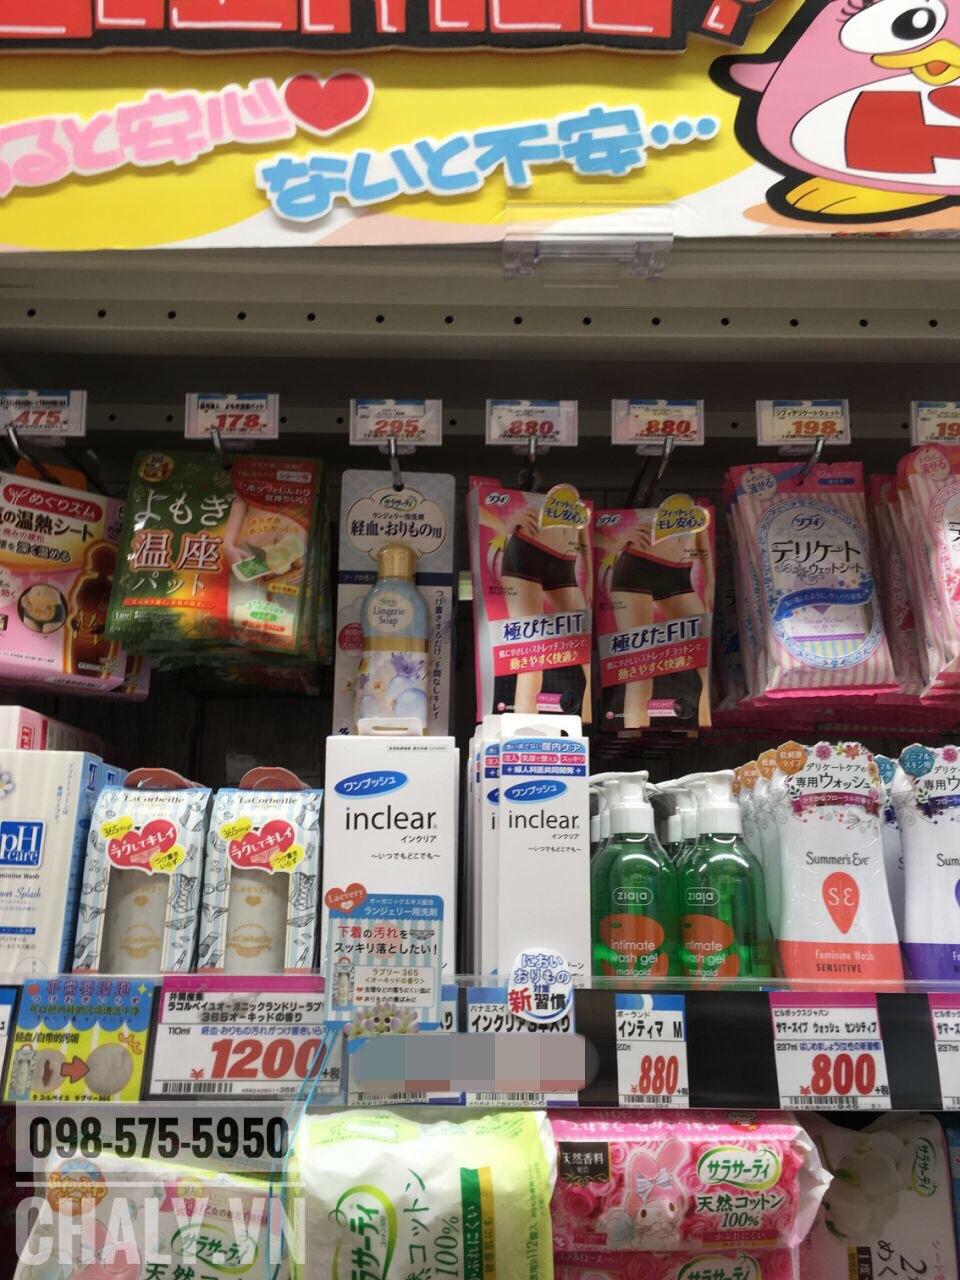 Dung dịch vệ sinh phụ nữ Inclear trên kệ siêu thị tại Nhật